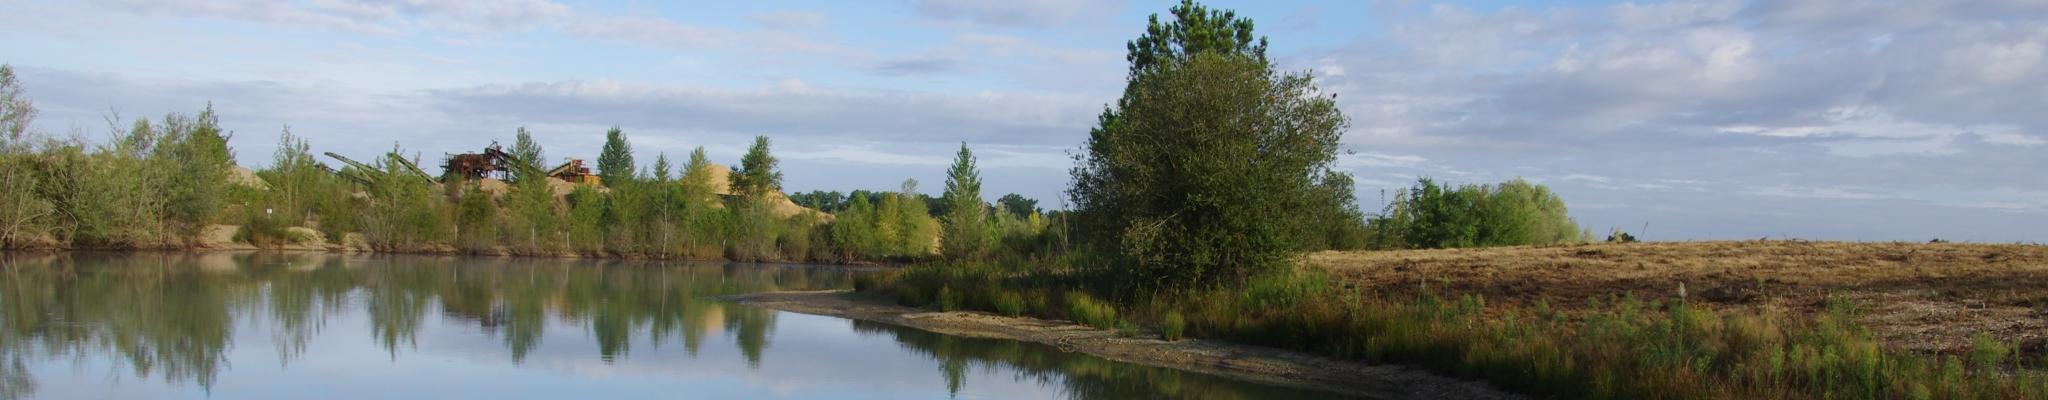 Plan d'eau réaménagé Moulin Neuf